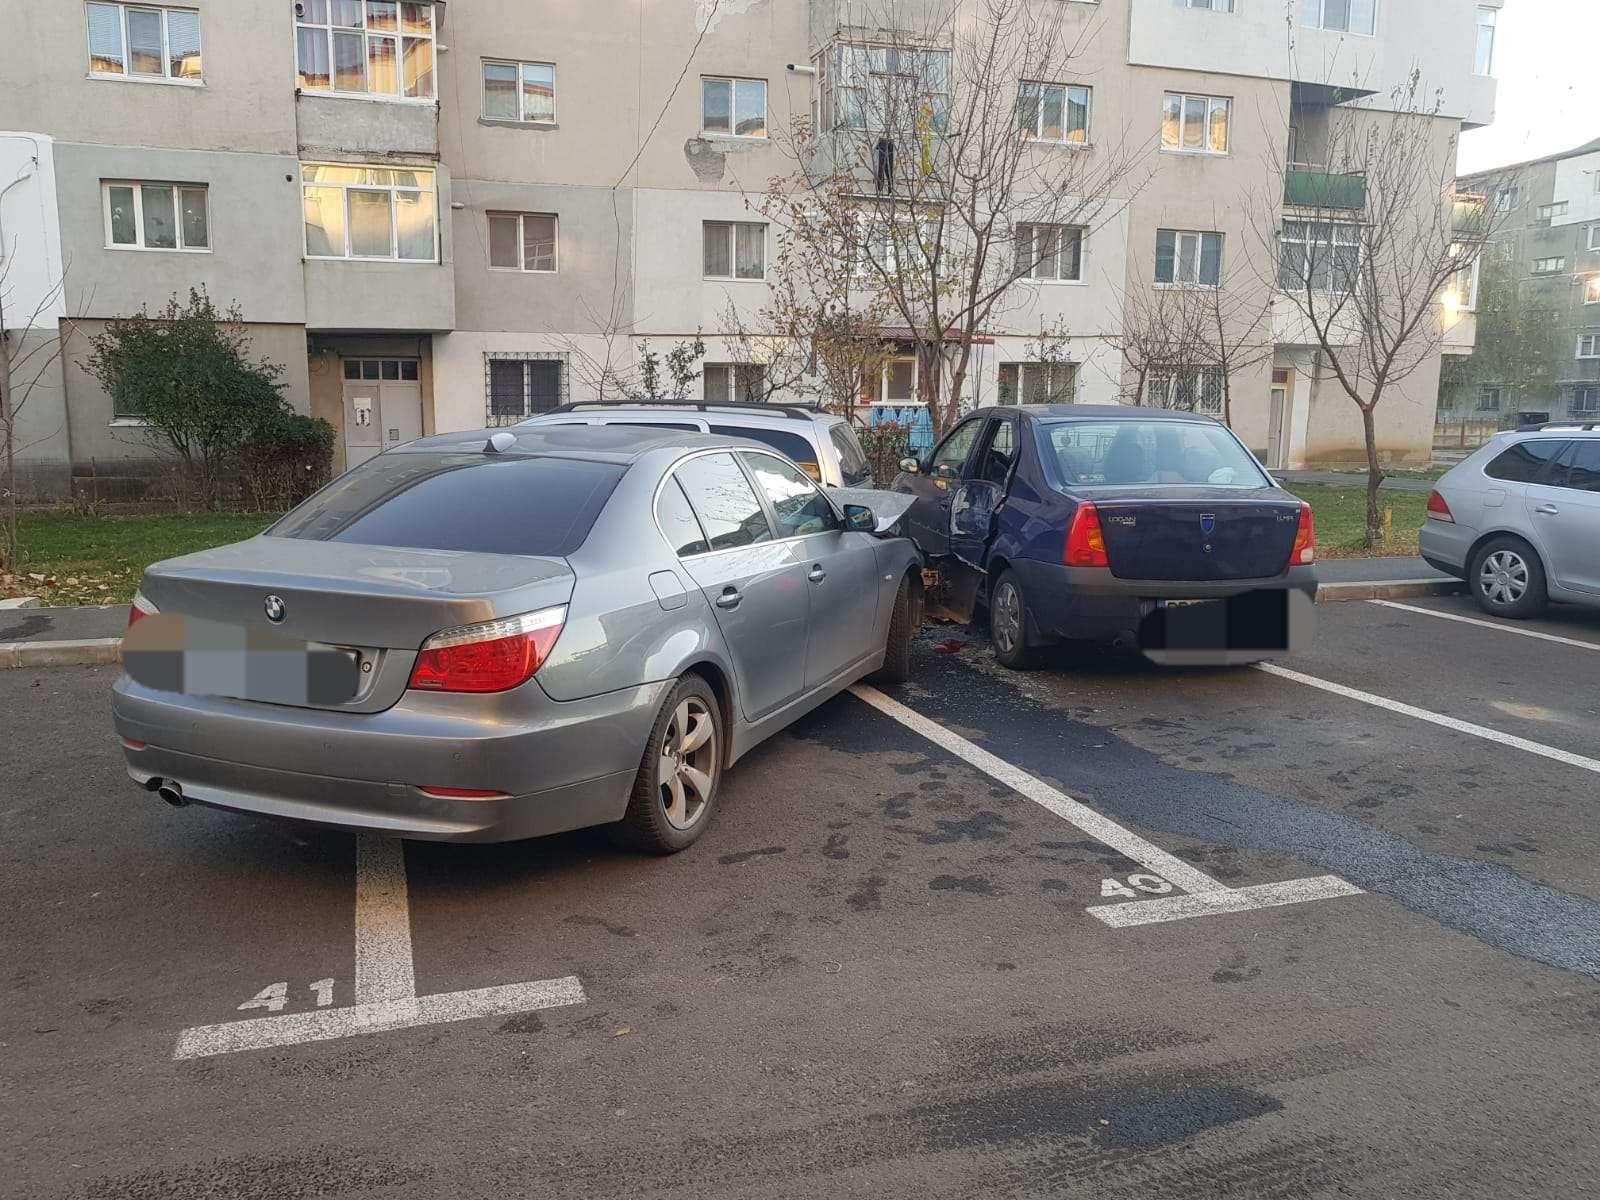 PUCIOASA Un șofer băut a lovit trei autoturisme parcate în cartierul Filatura